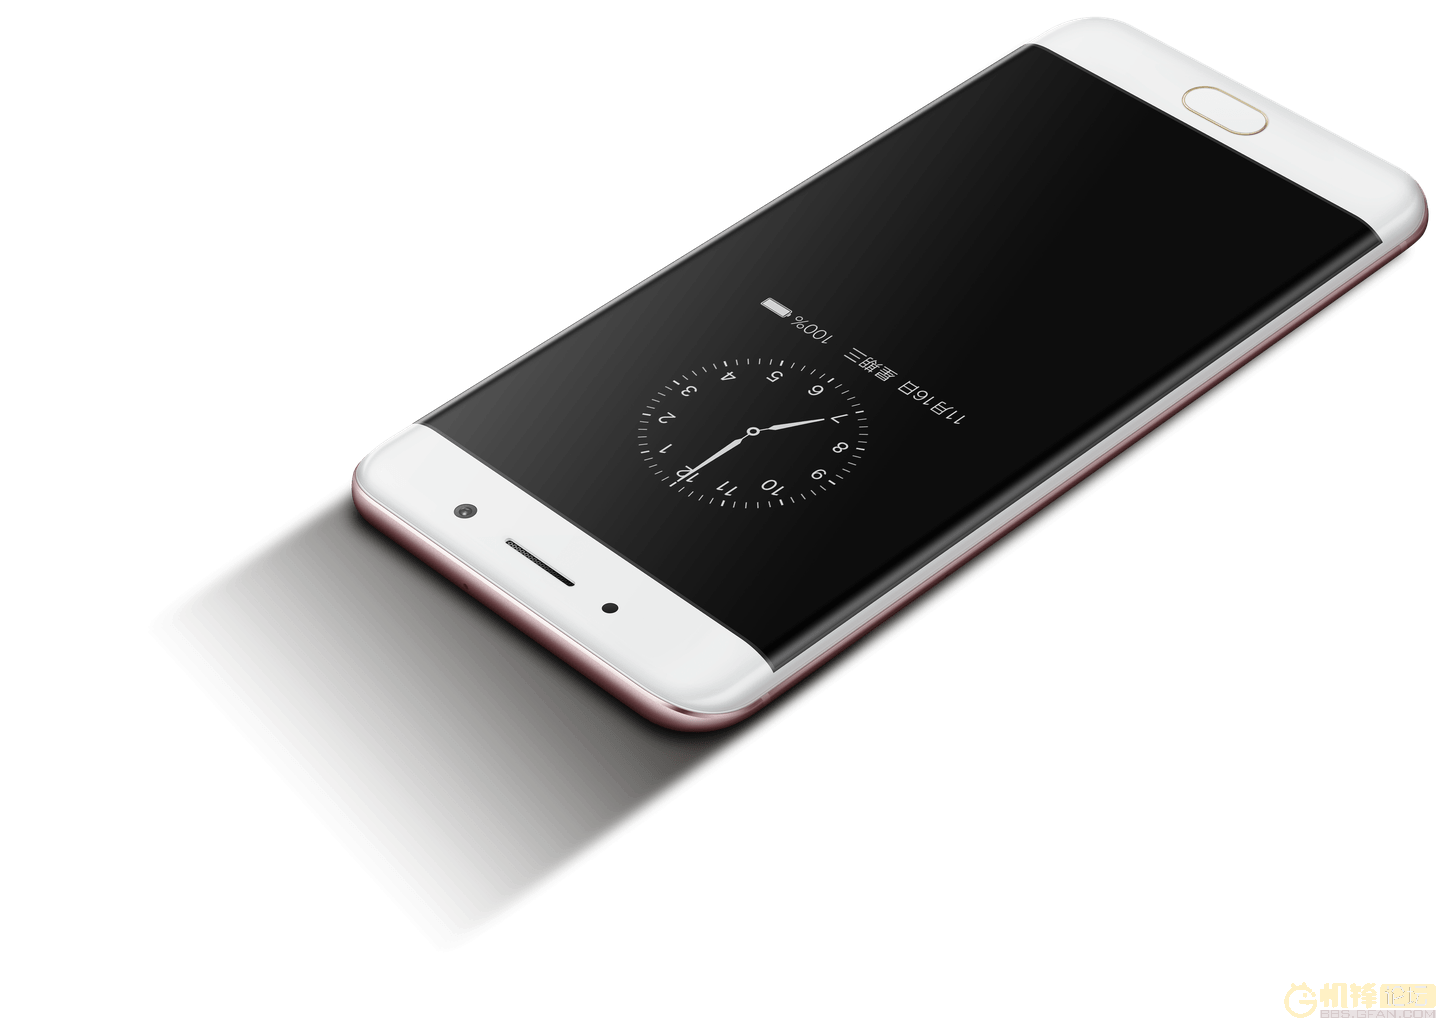 2016年最佳安卓手机评选: 你的手机有没有上榜?-搜狐